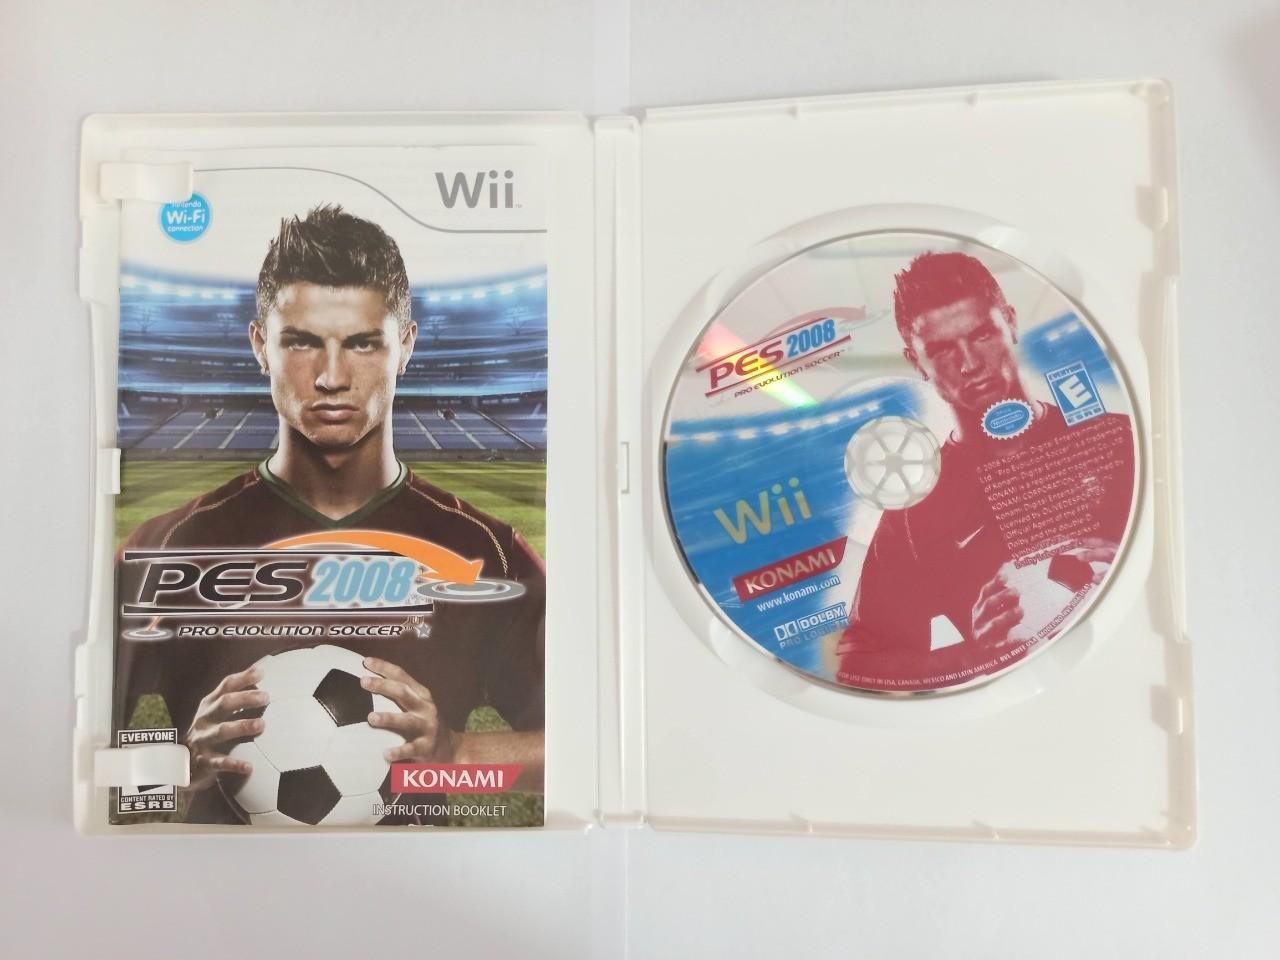 PES 2008 - Usado - Wii